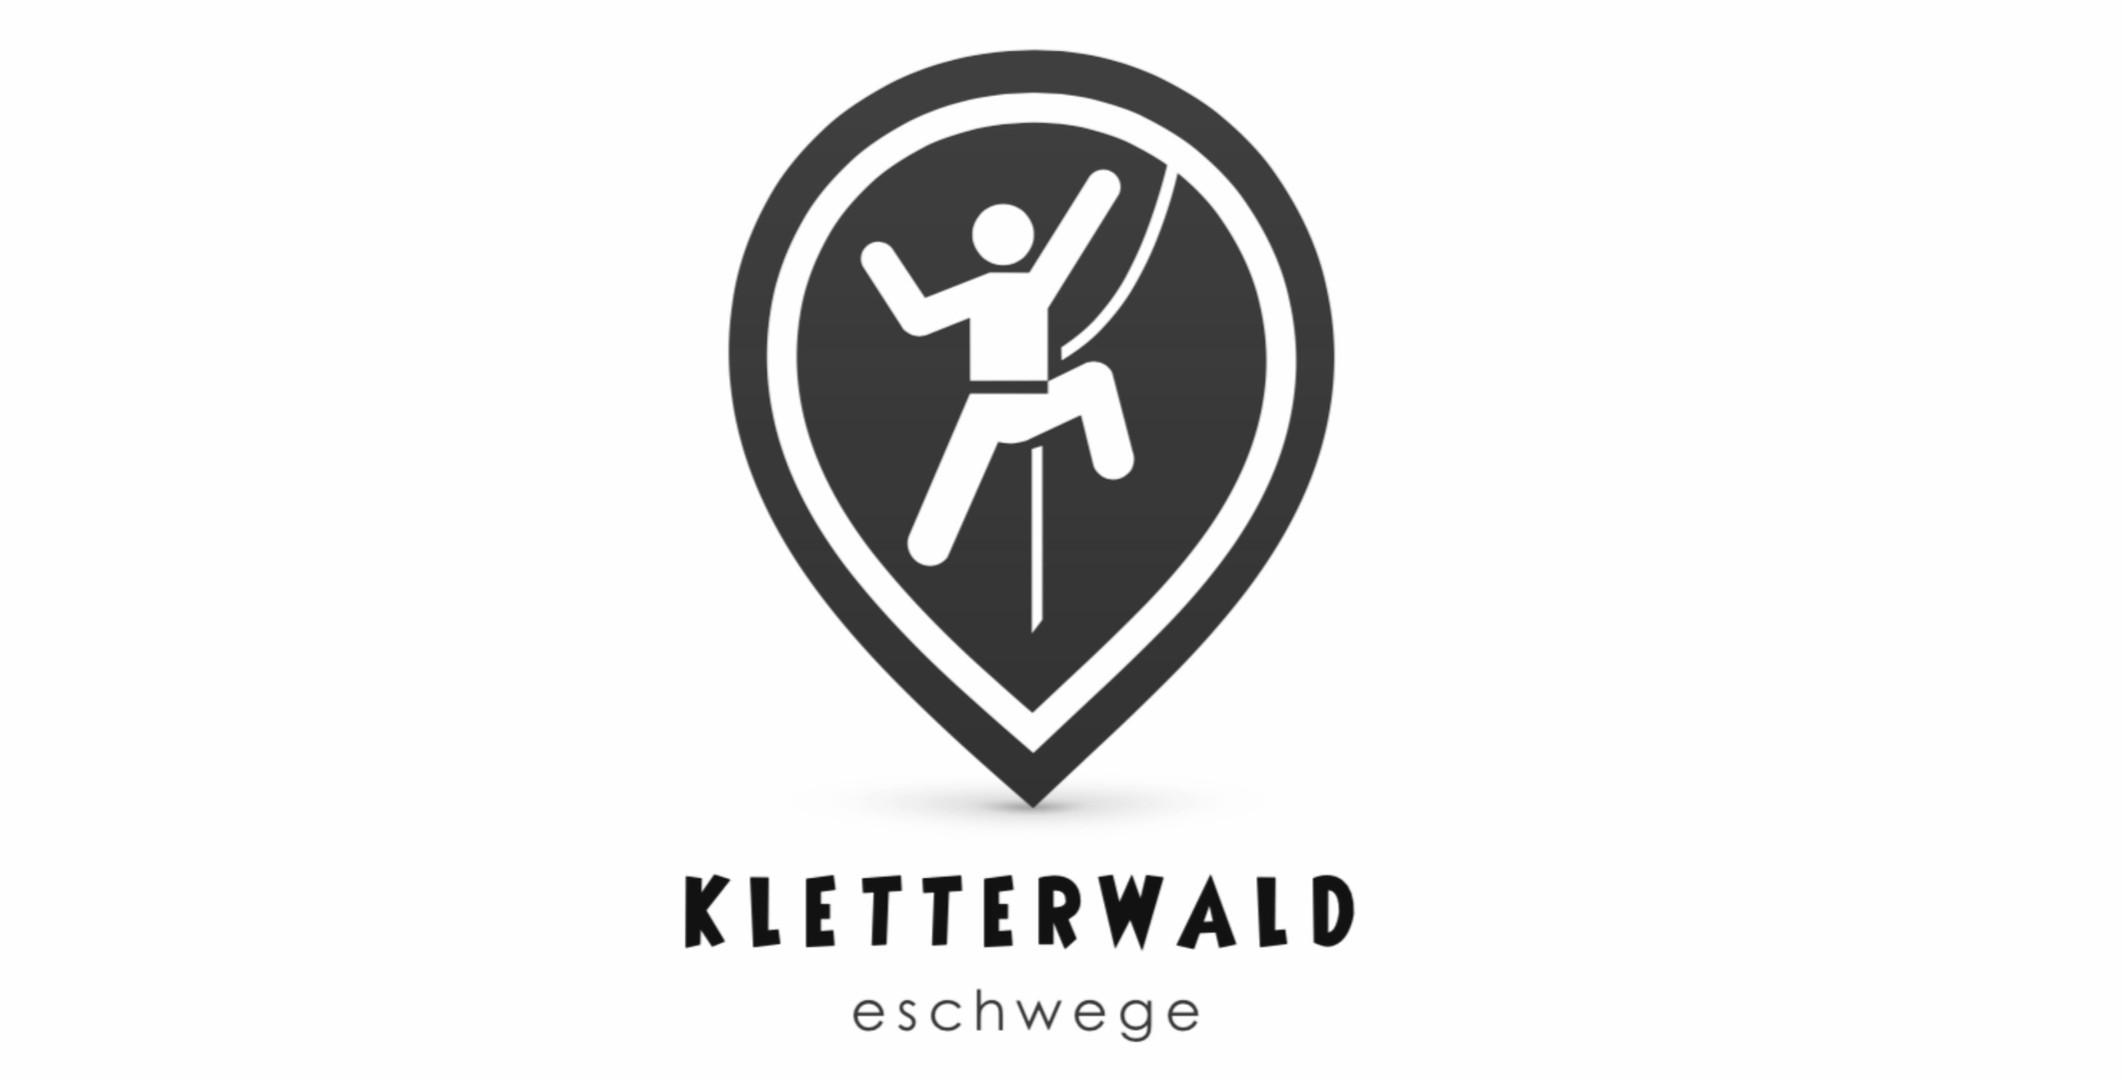 Kletterwald-eschwege_edited.jpg